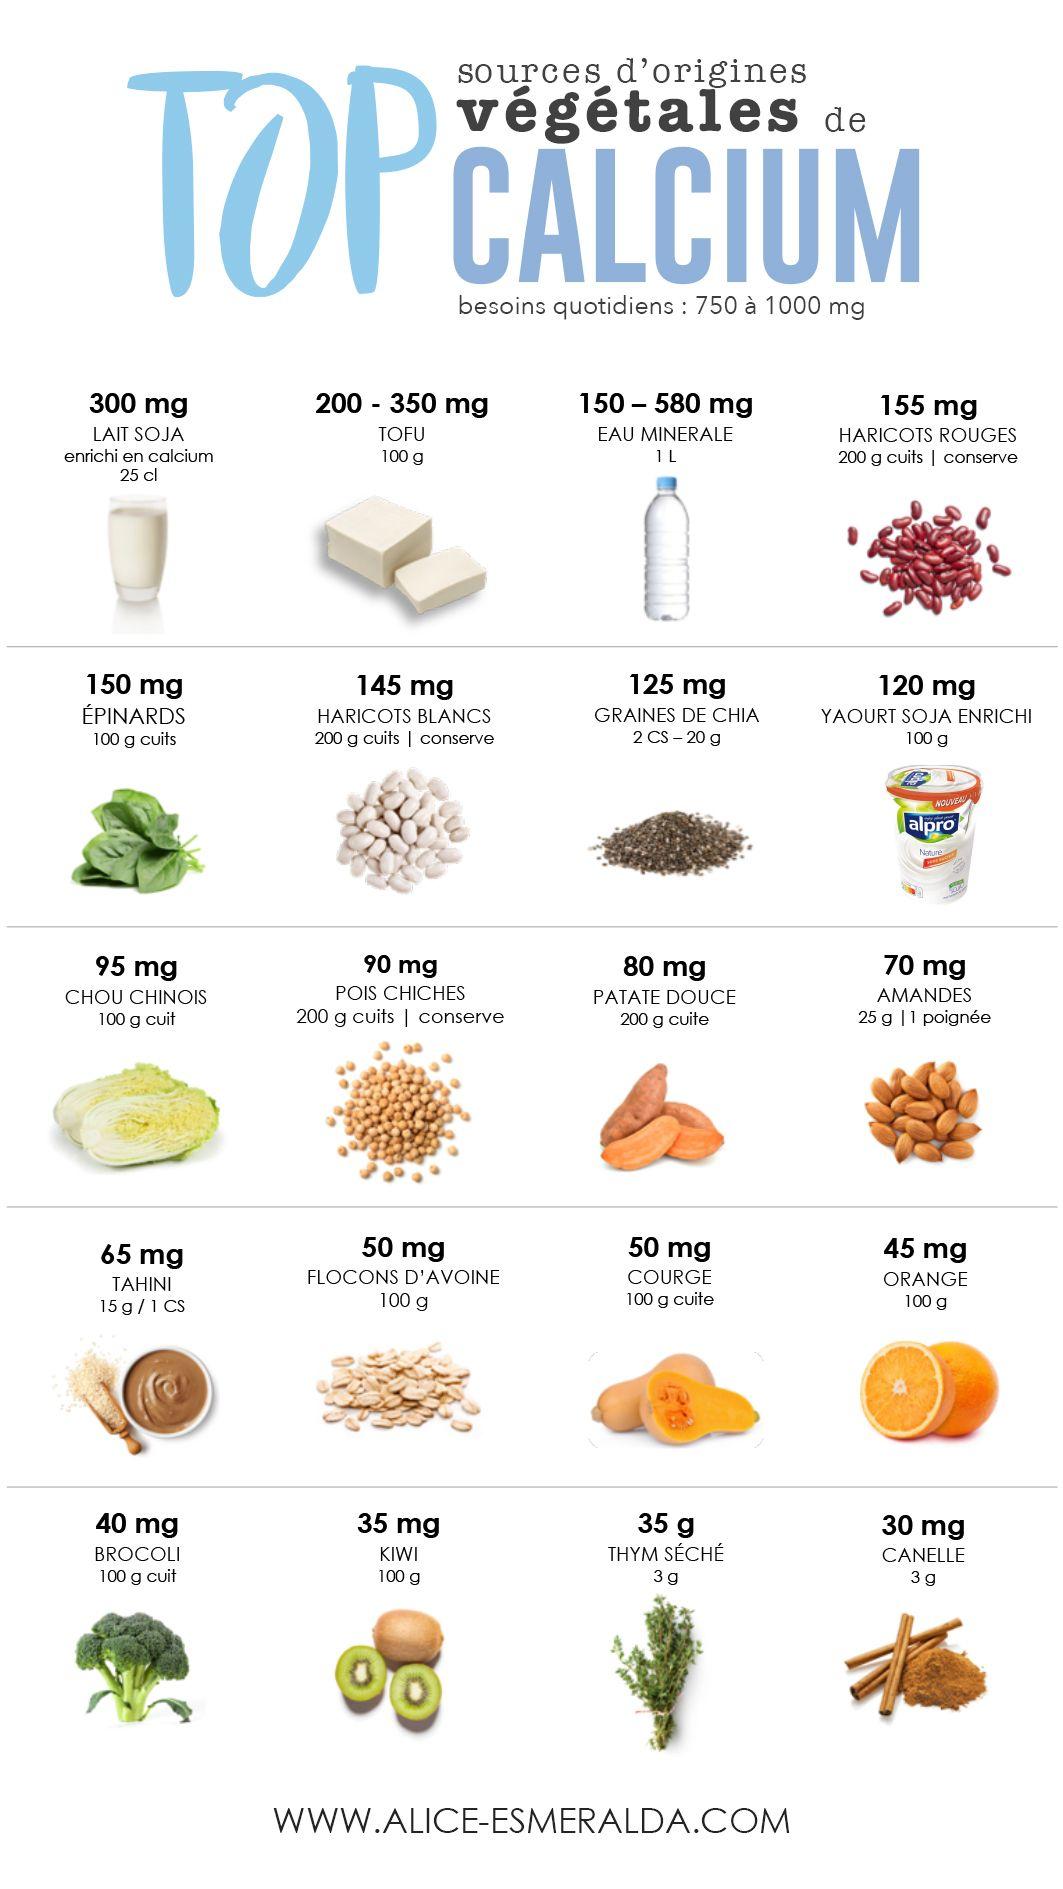 Le Calcium Dans L Alimentation Vegetale Conseils Alimentaires Aliments Bons Pour La Sante Alimentation